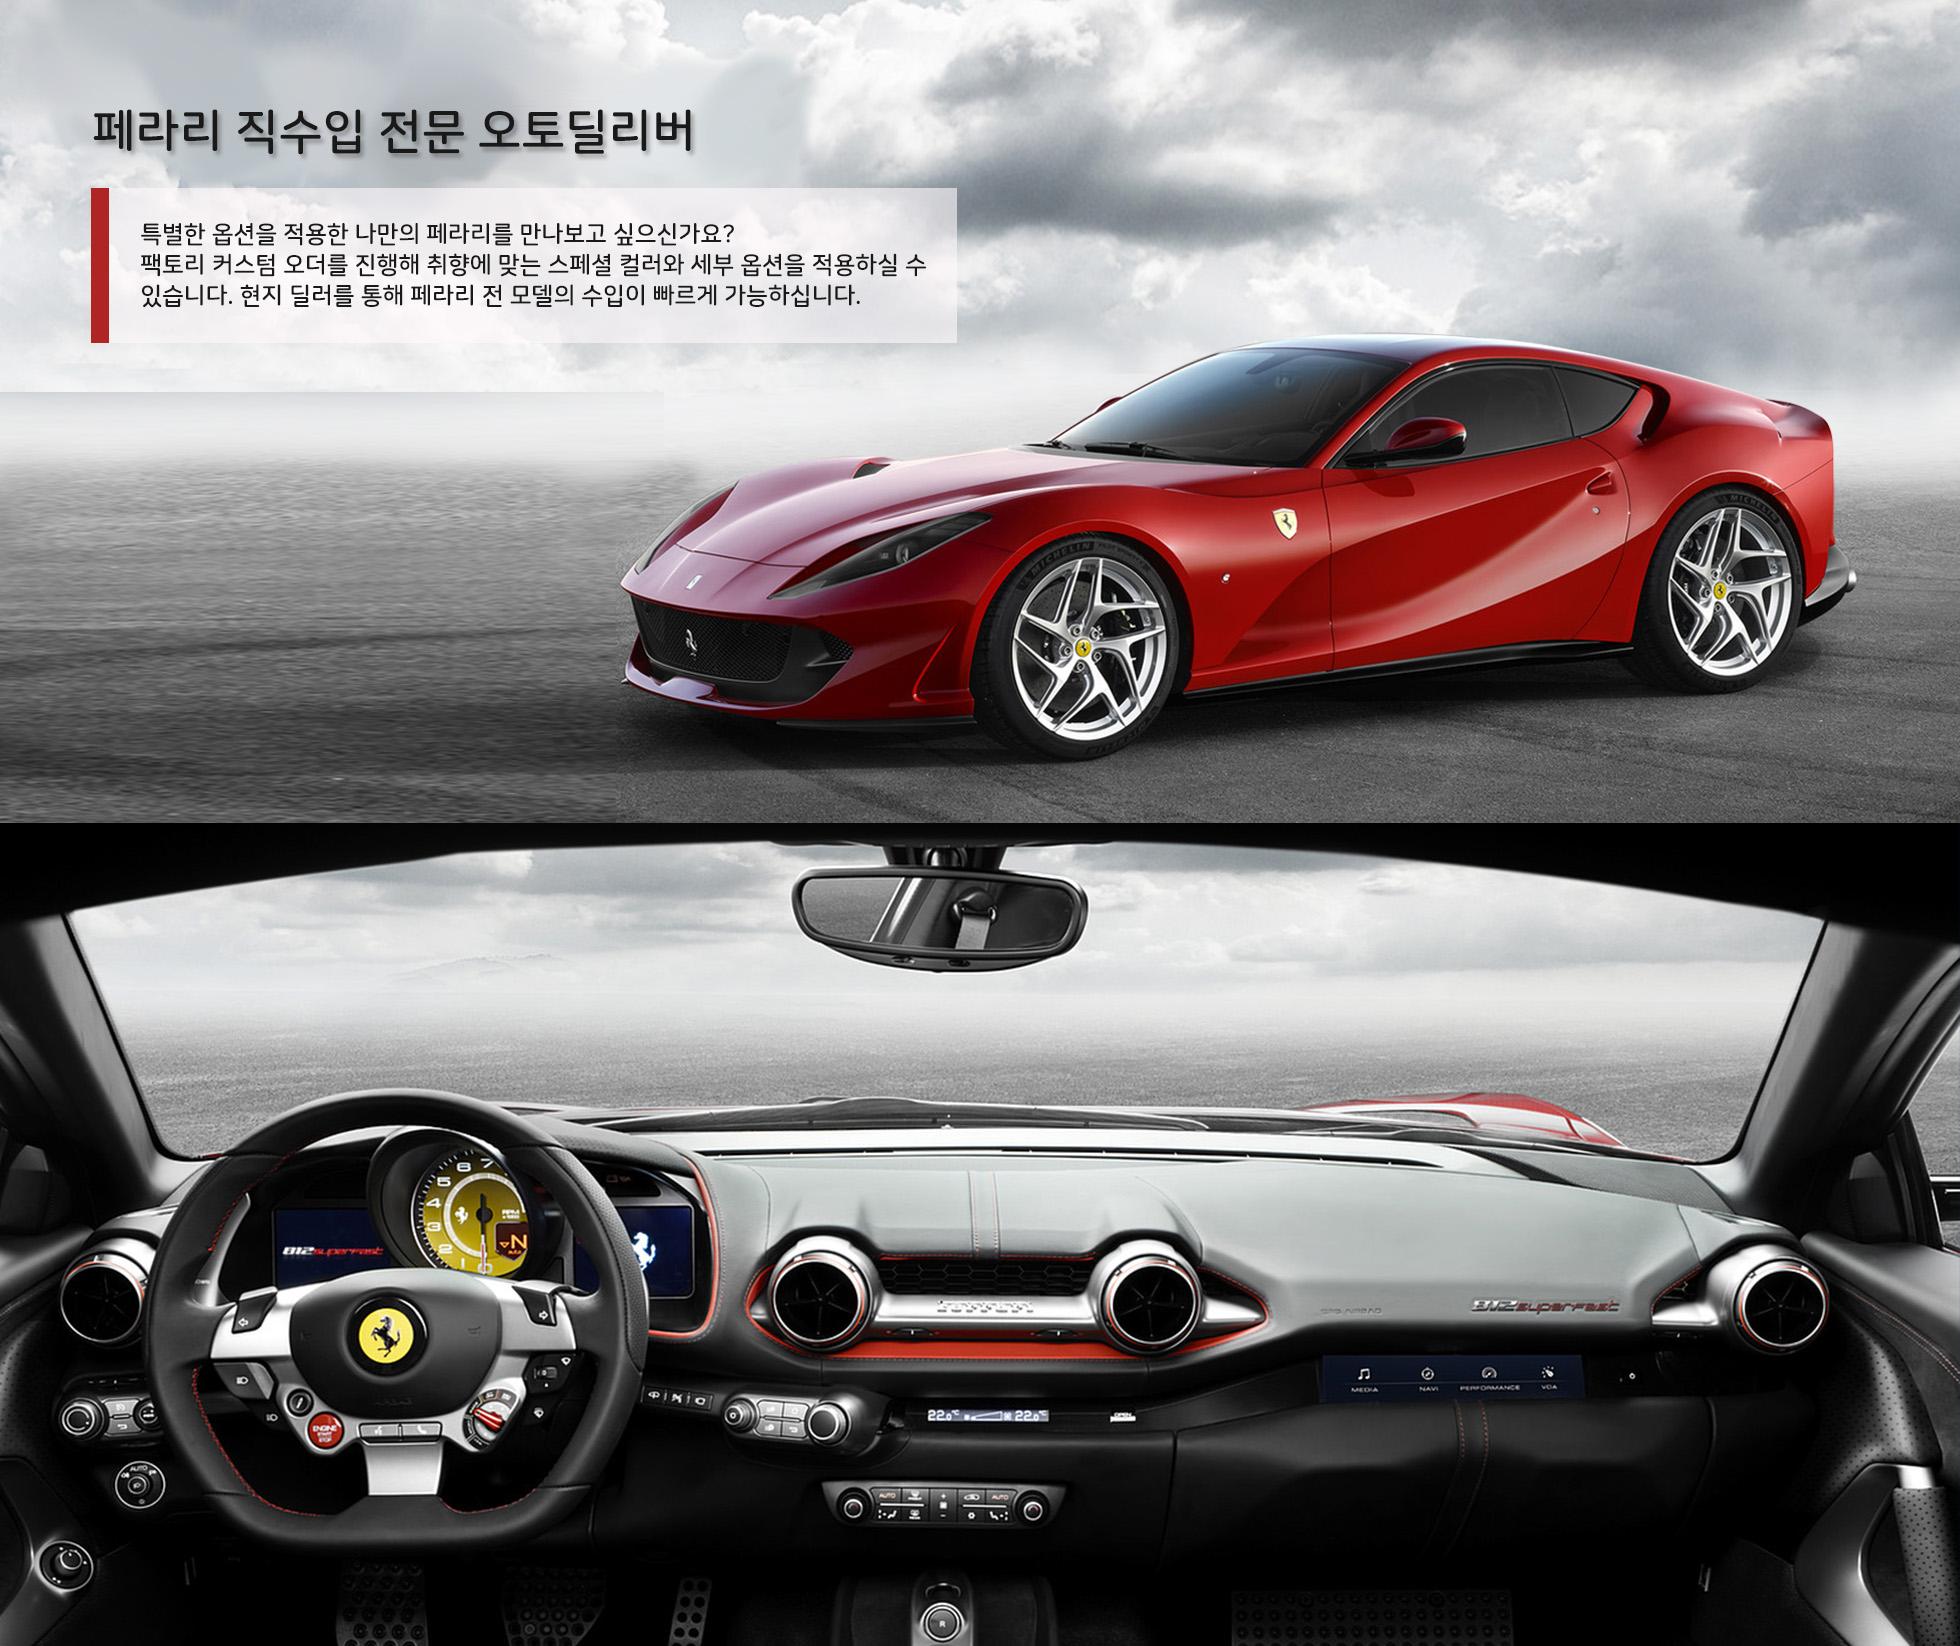 페라리-사전예약-20180313-수정-03